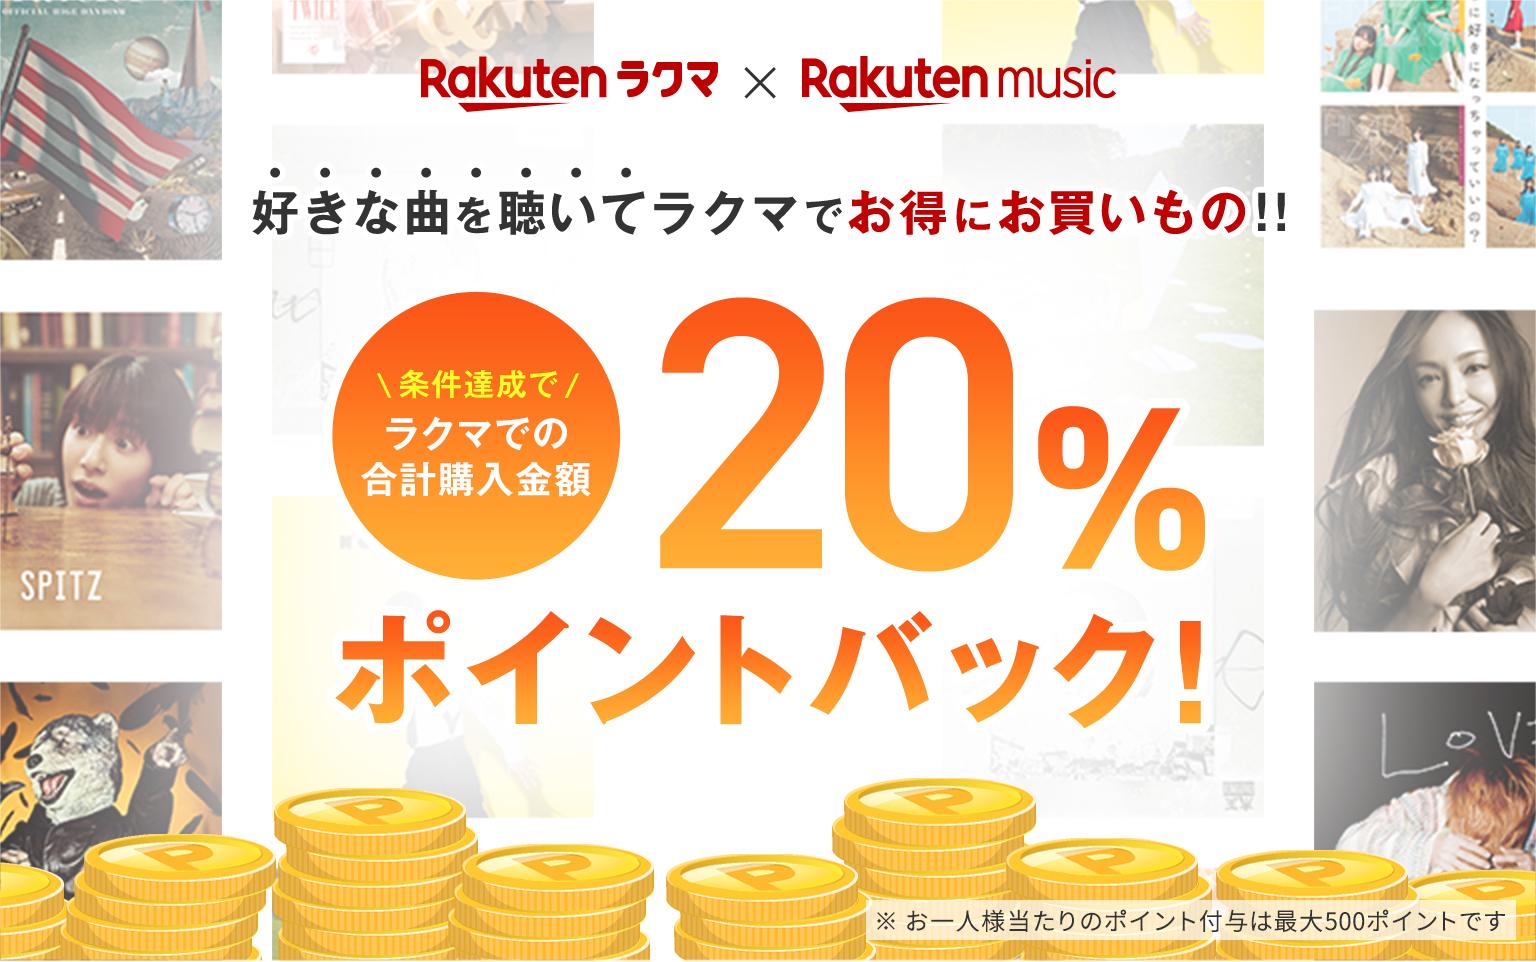 好きな曲を聴いてラクマでお得にお買いもの!!条件達成でラクマでの合計購入金額20%ポイントバック!